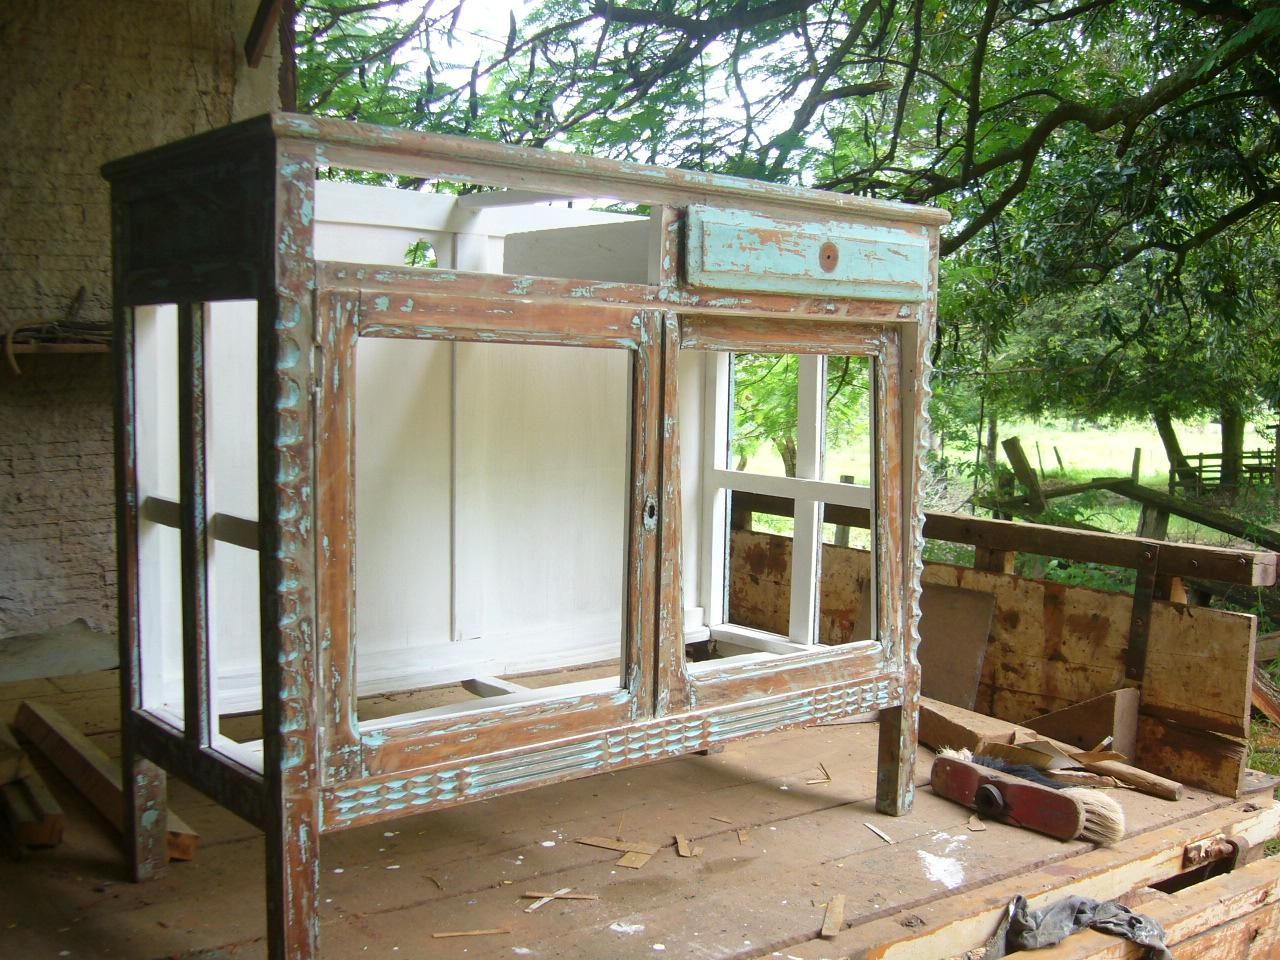 Ana Caldatto : Peças de demolição e móveis antigo uma paixão! #61492B 1280x960 Armario Banheiro Antigo